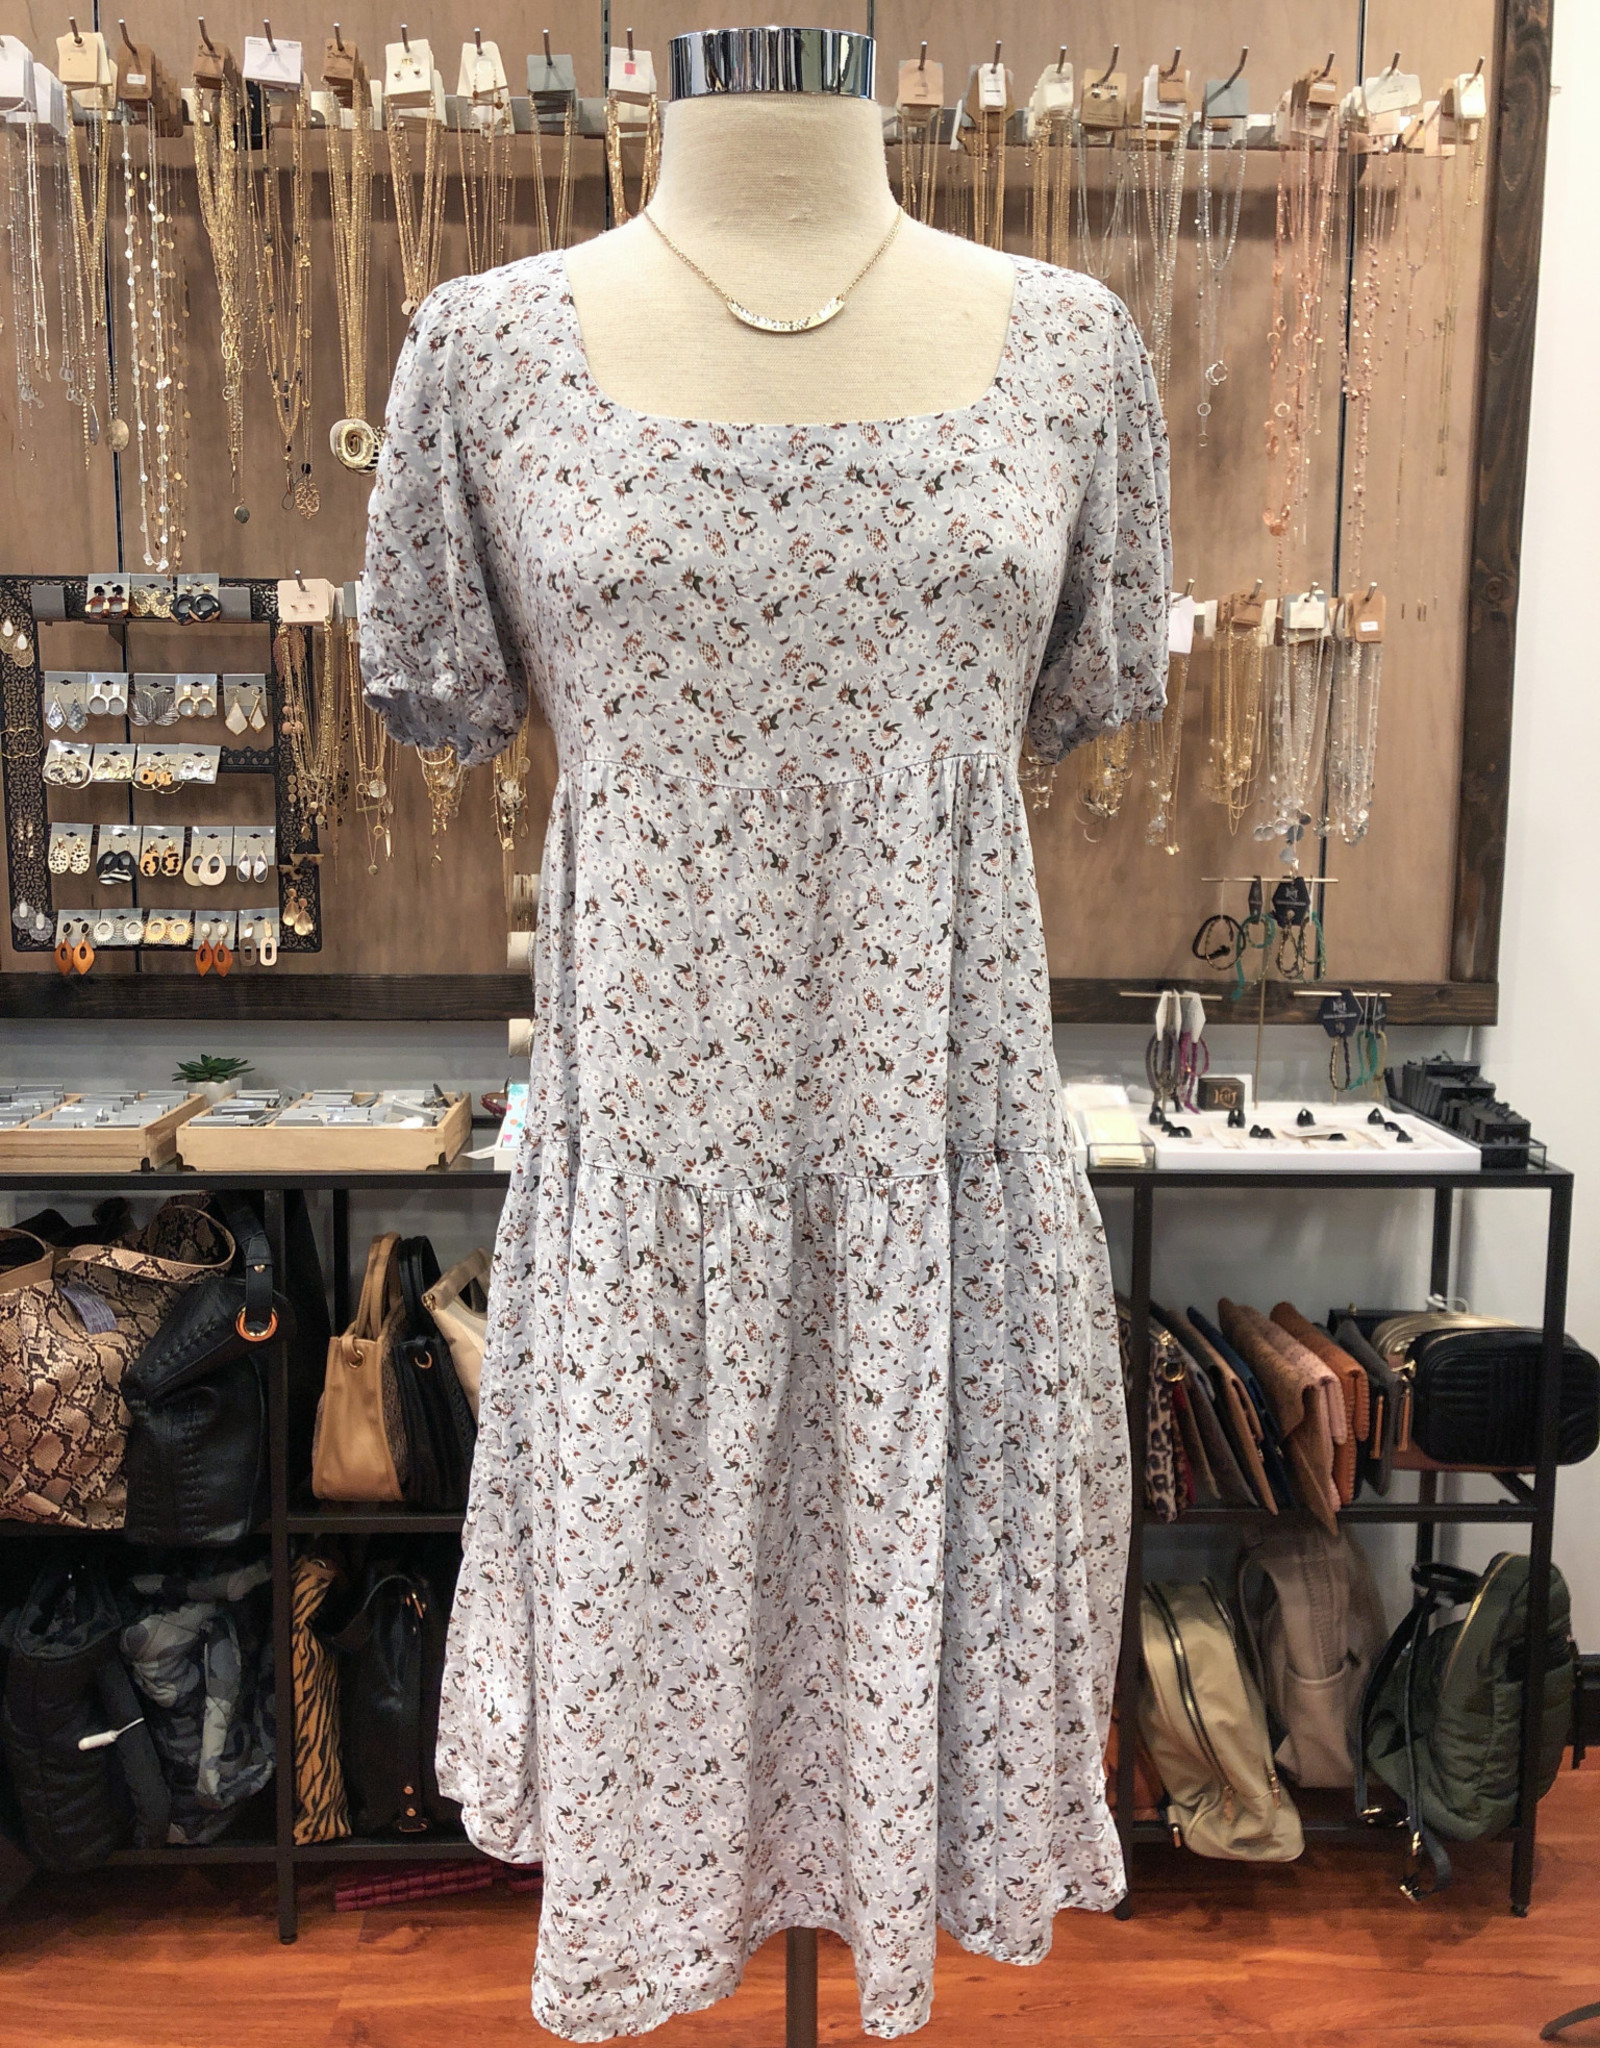 D17361 FLORAL BABYDOLL DRESS